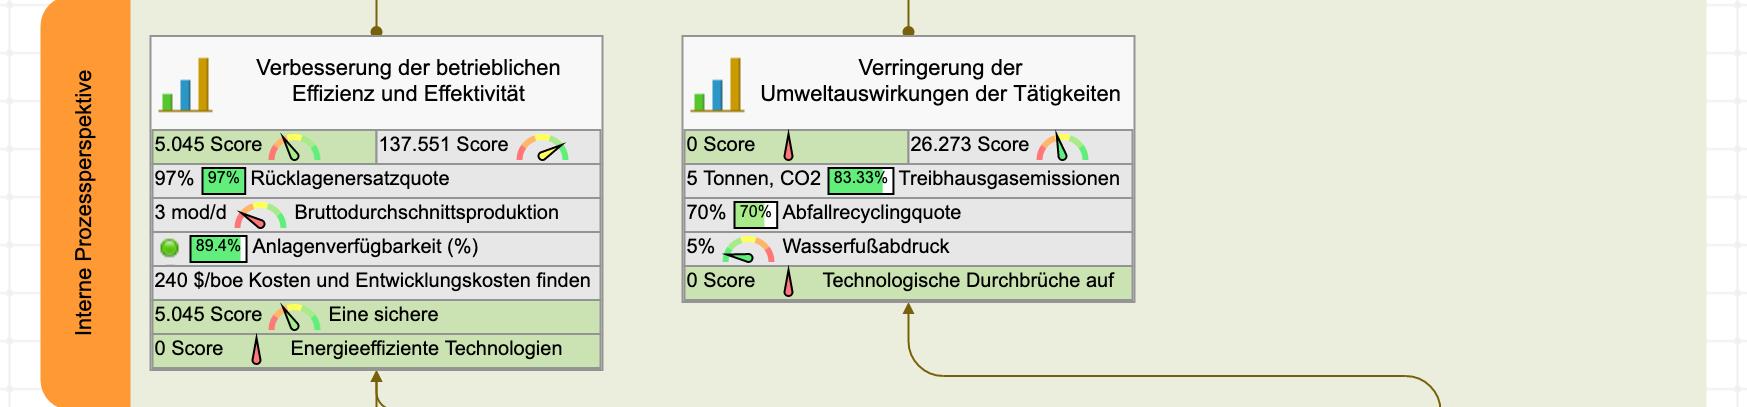 Energieproduktions-Scorecard - Interne Prozessperspektive